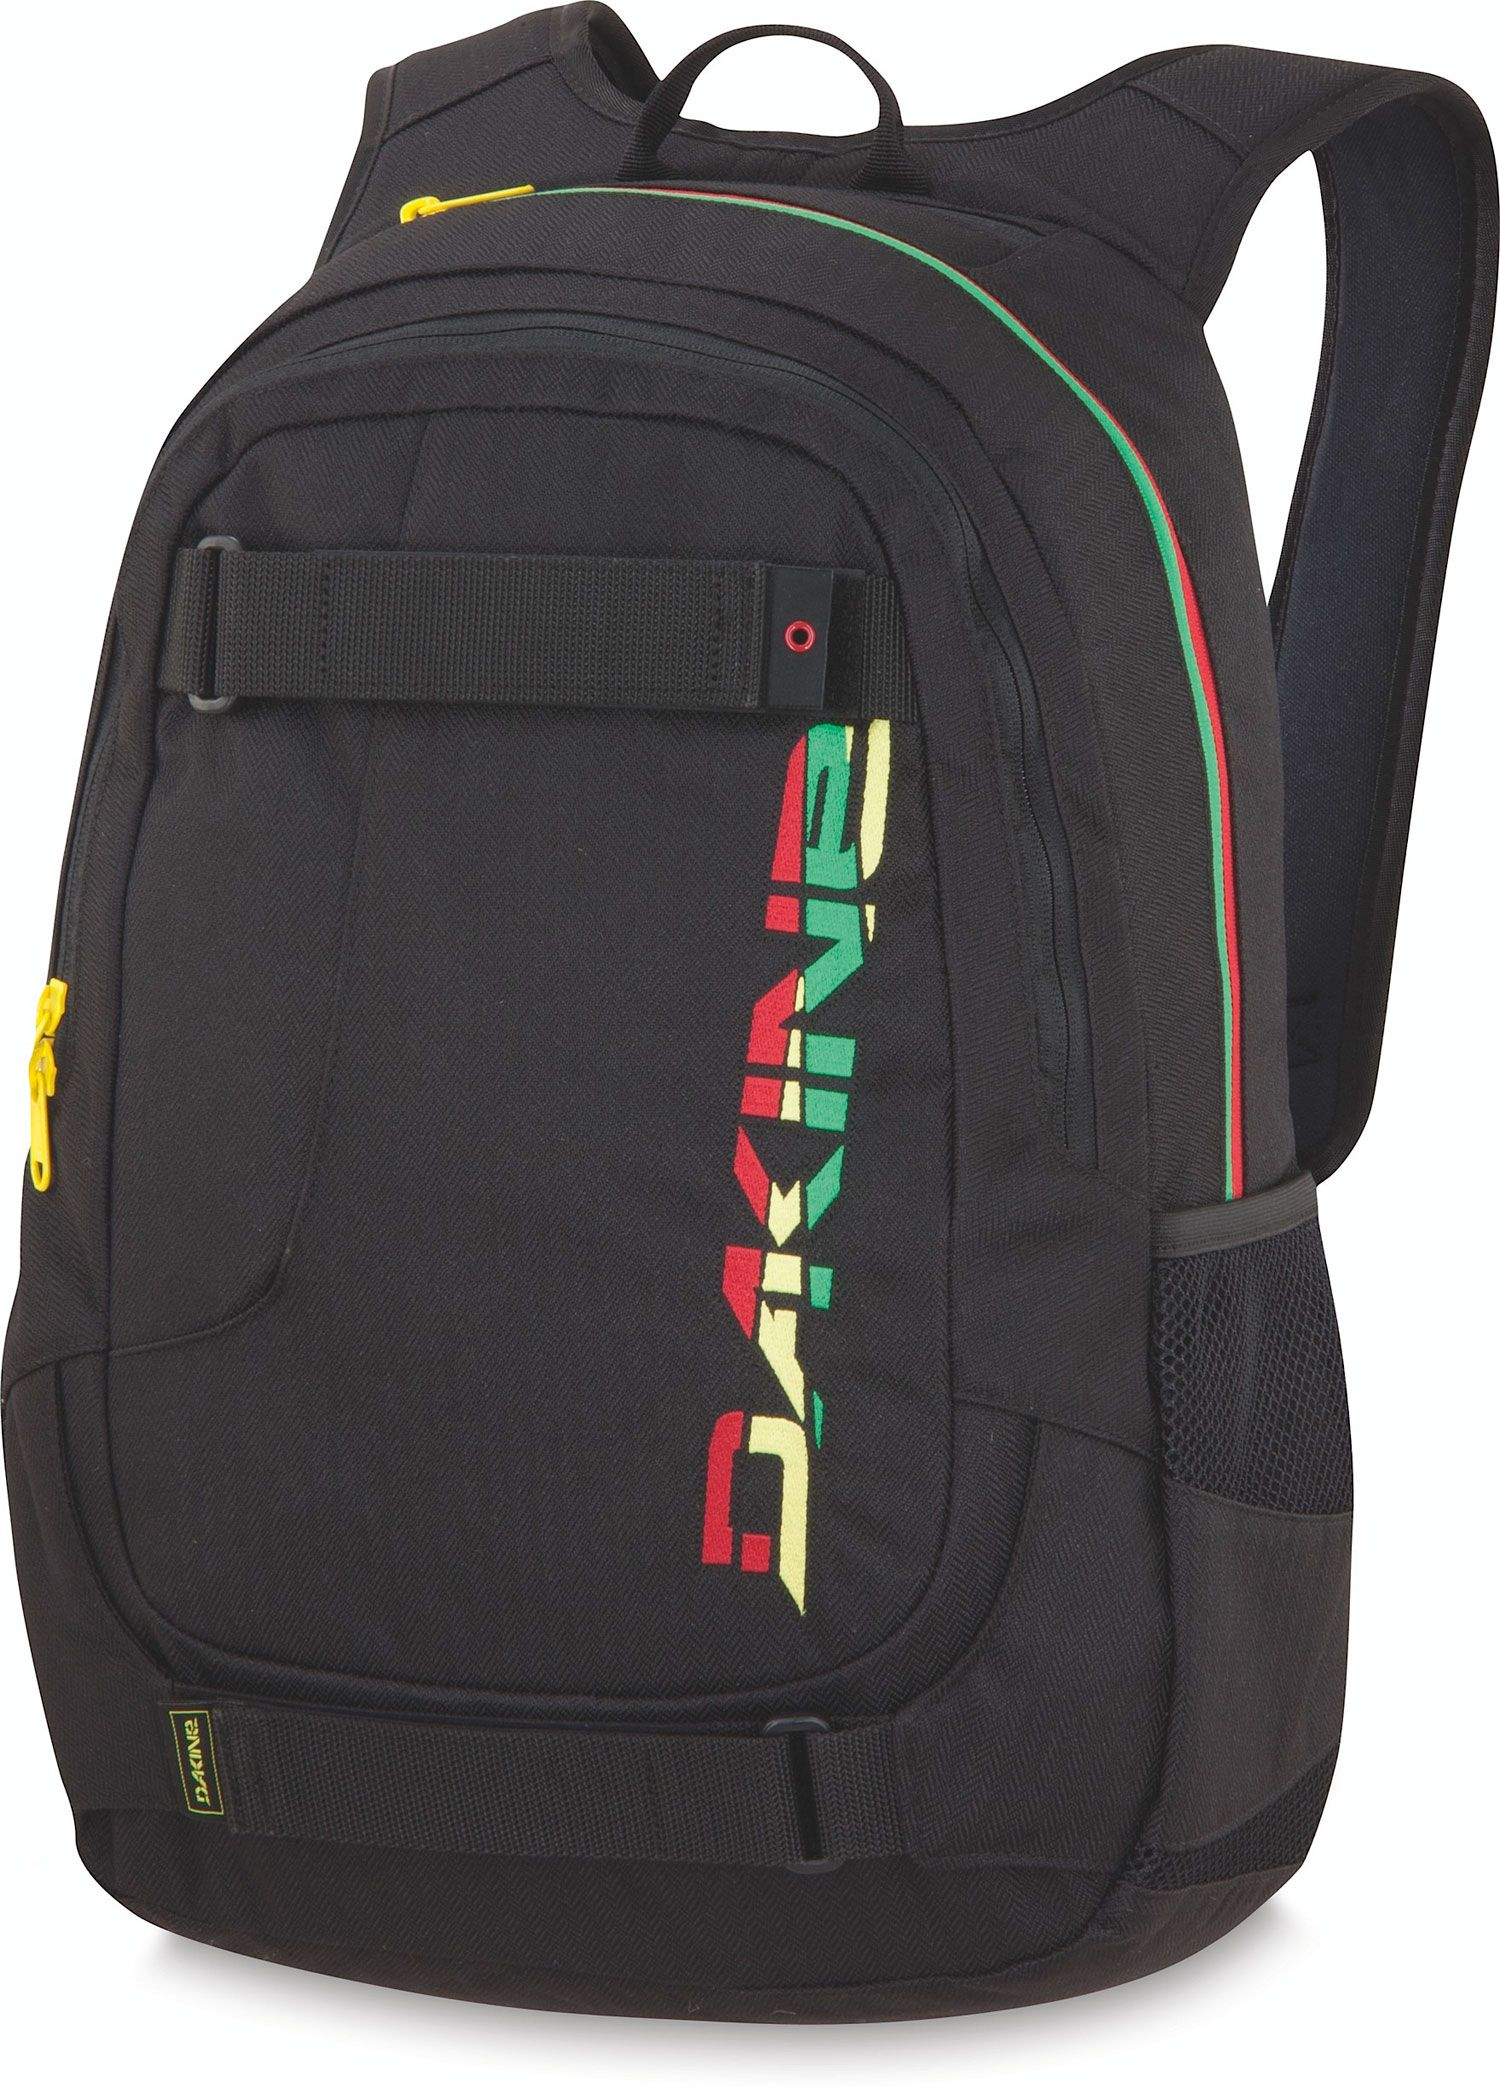 Dakine рюкзак varial показать как выглядит новый рюкзак десантника ютуб